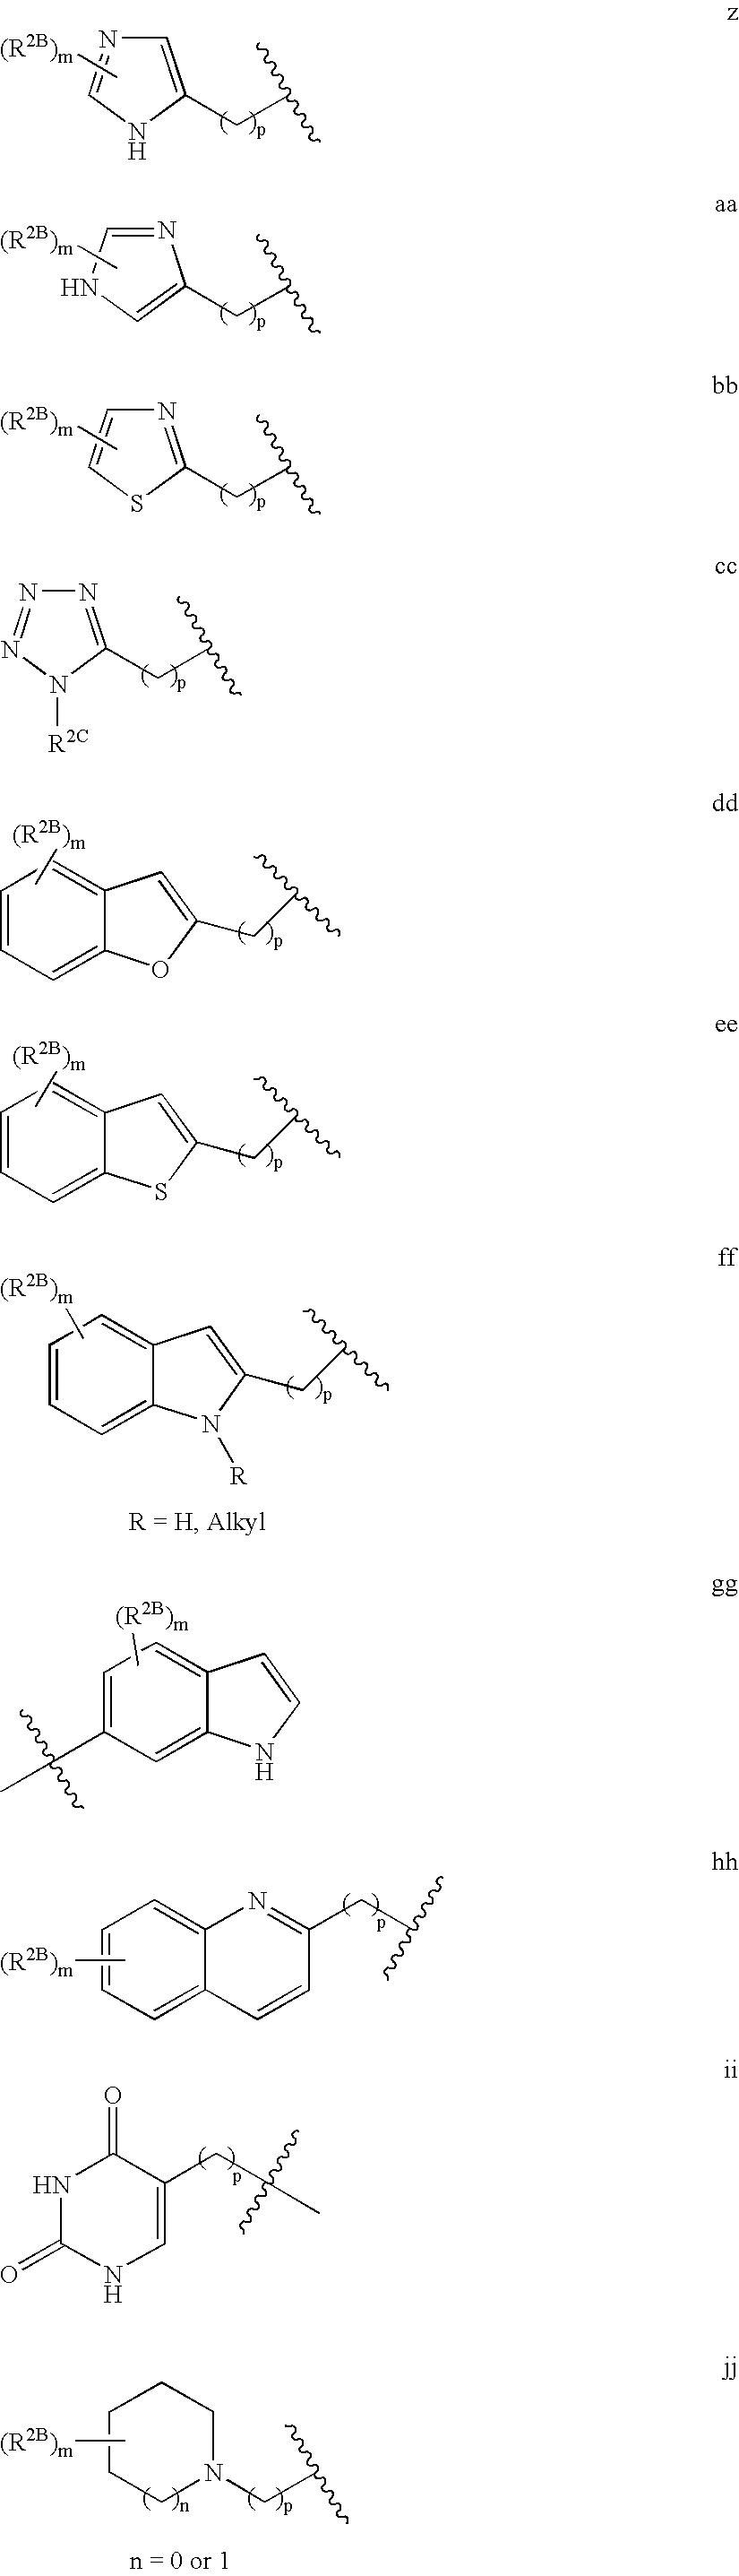 Figure US20040072849A1-20040415-C00032